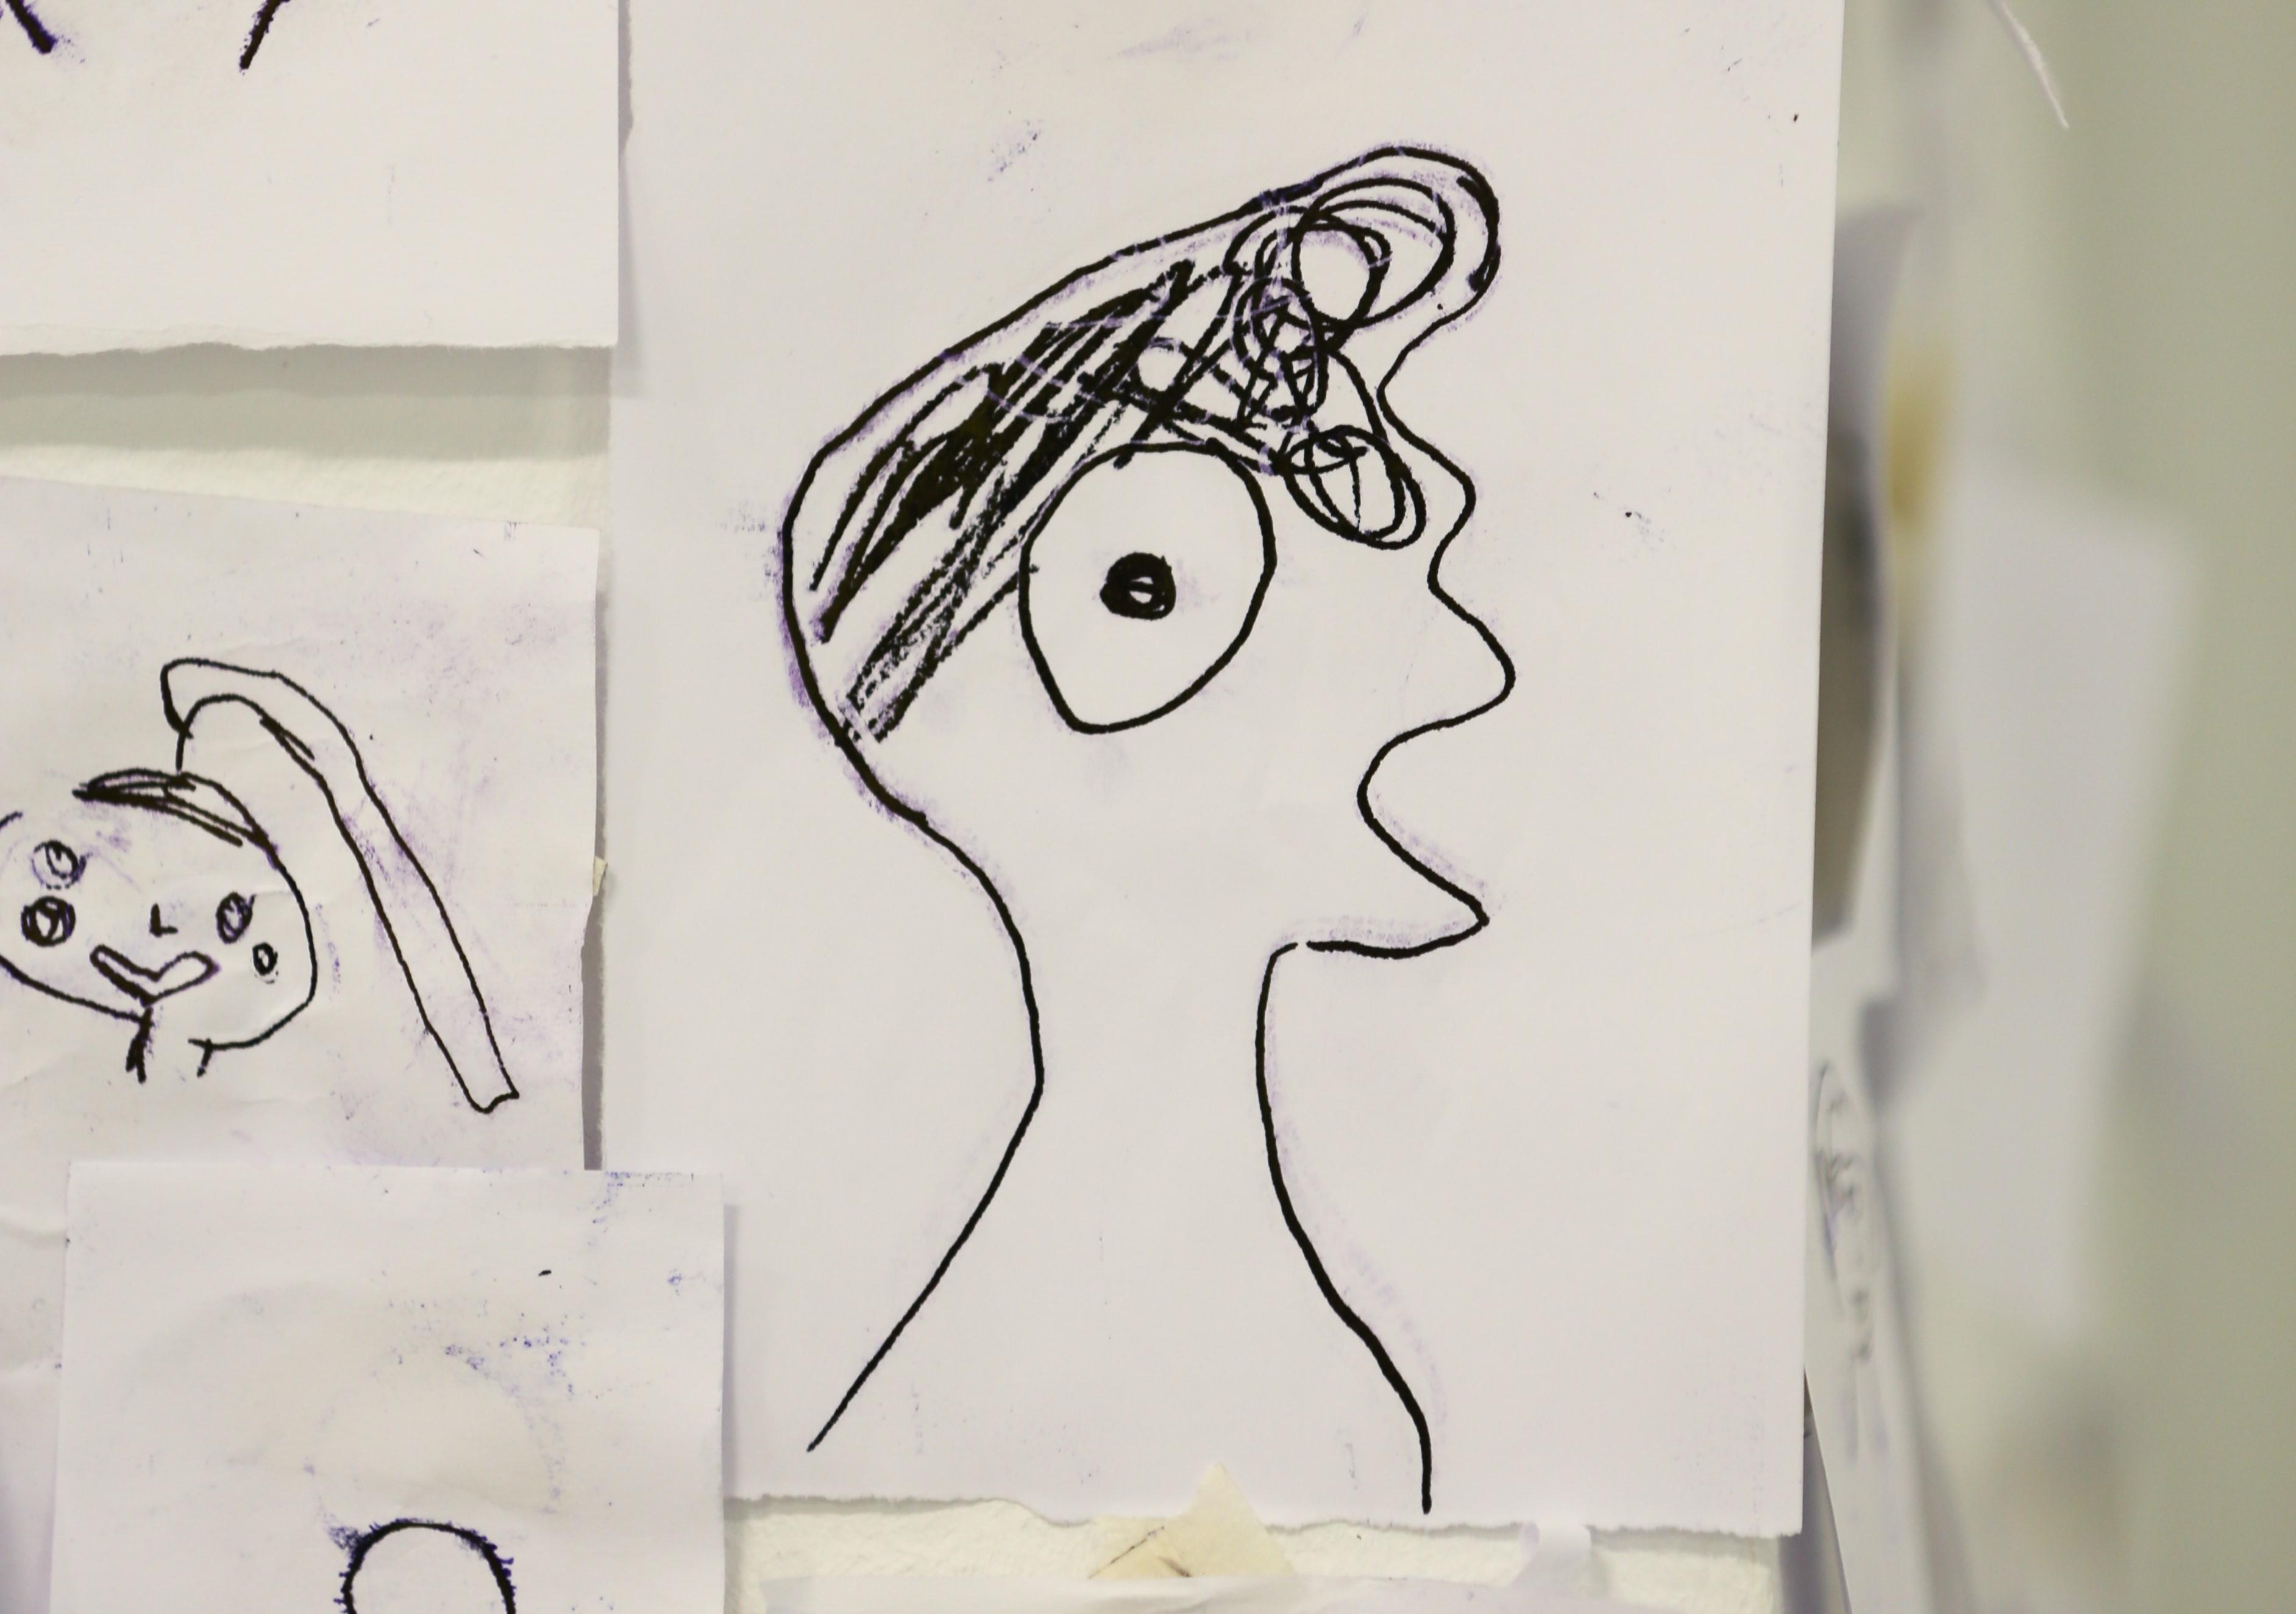 APA, Roldán, Joaquín_2019_Picasso,P.